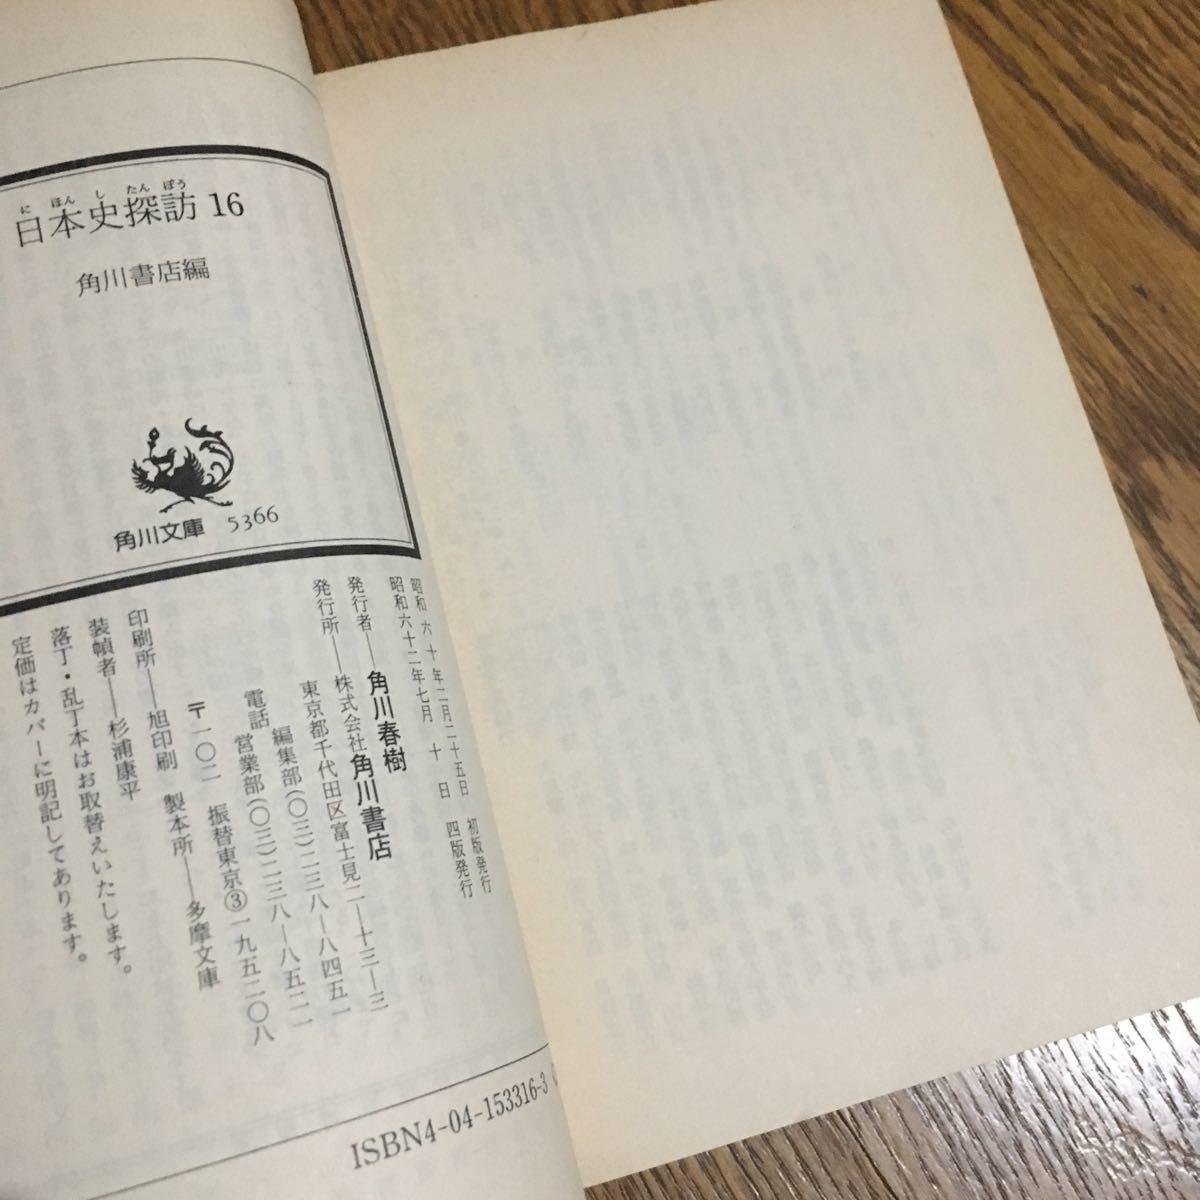 角川書店 編☆日本史探訪 16 (4版・帯付き)☆角川書店_画像3